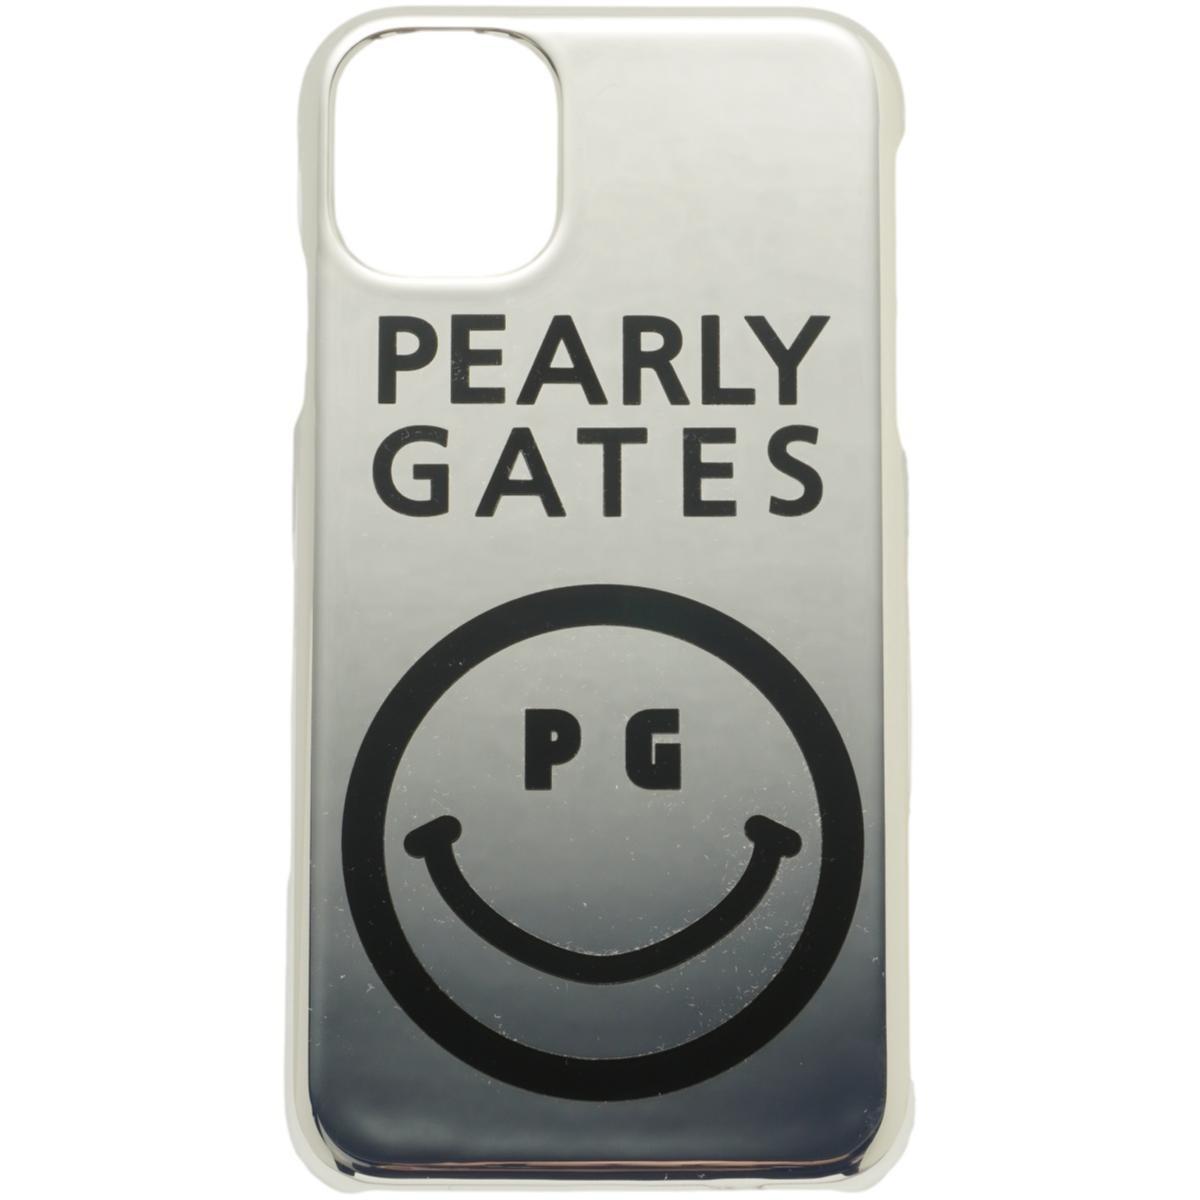 [2020年モデル] パーリーゲイツ PEARLY GATES ニコちゃん iPhone11対応ケース シルバー 160 ゴルフ